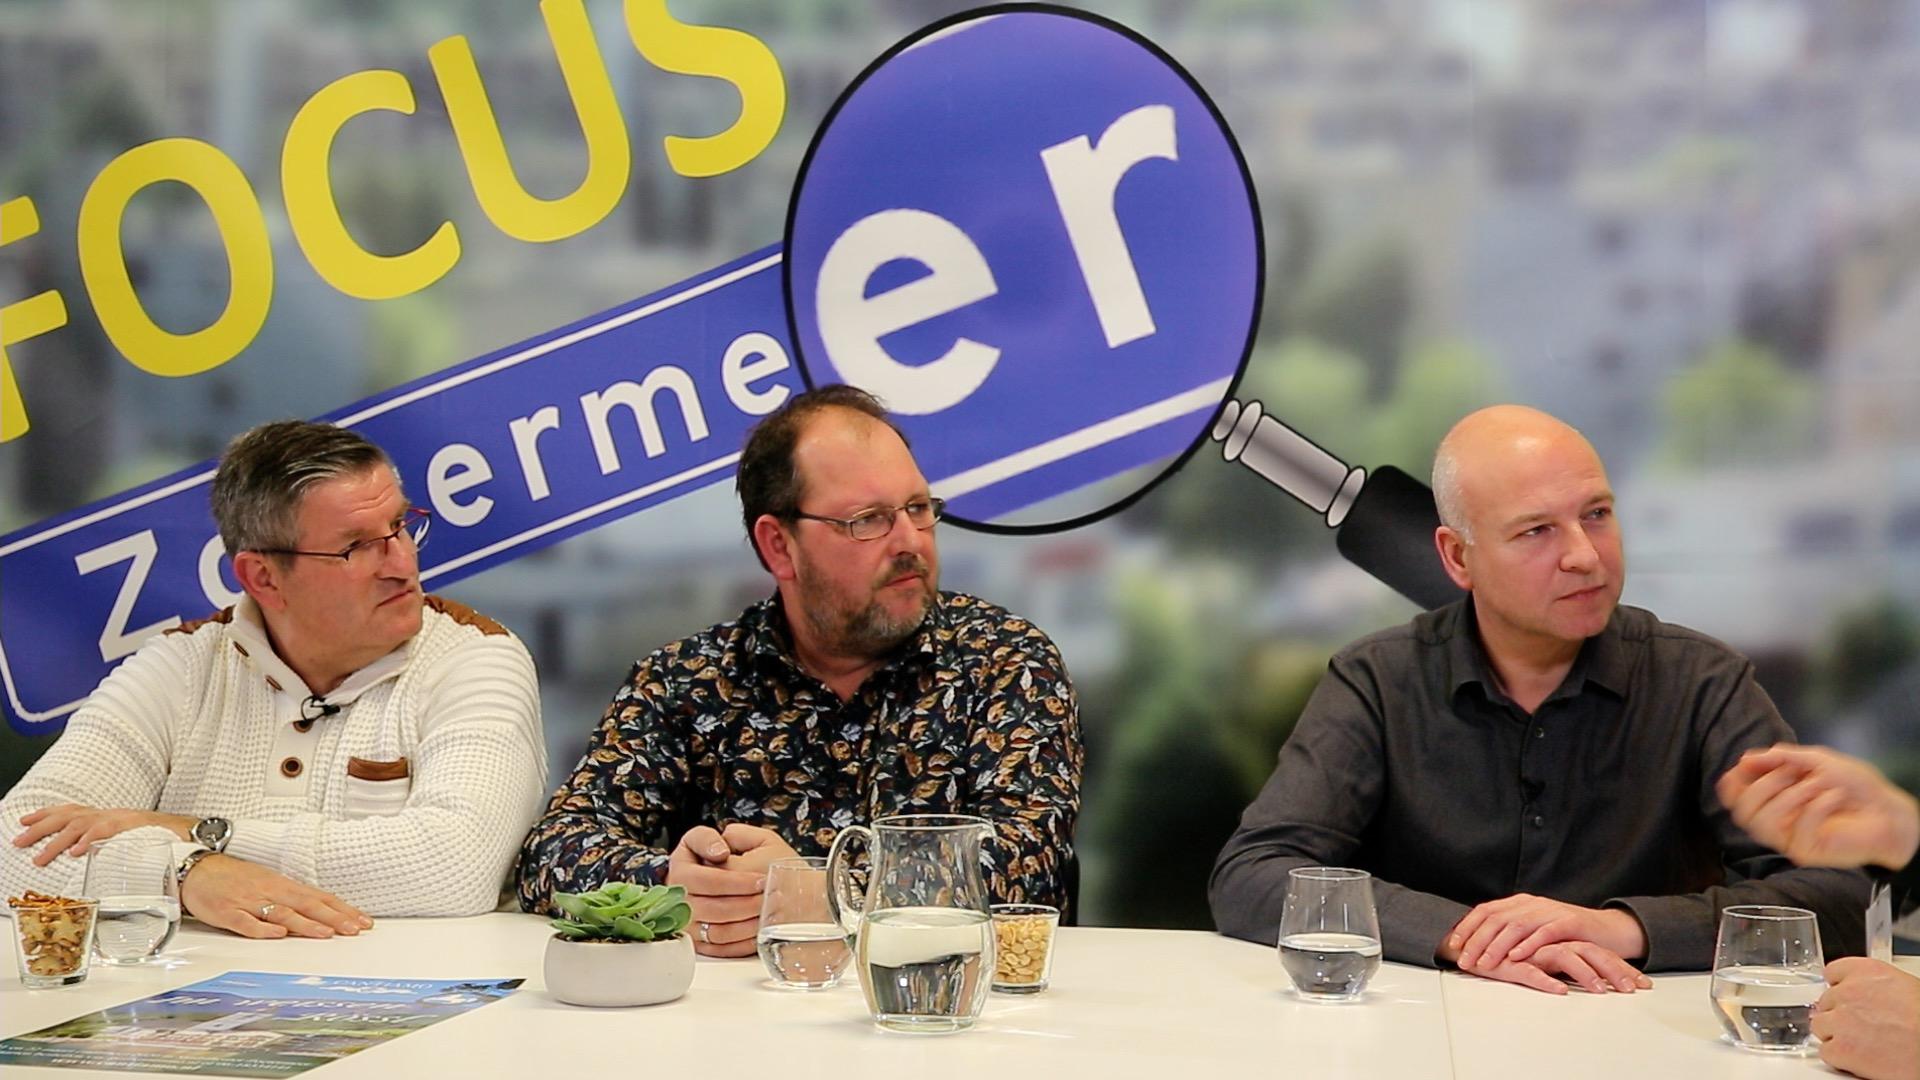 Focus op Zoetermeer (Jaargang 2 Aflevering 5)